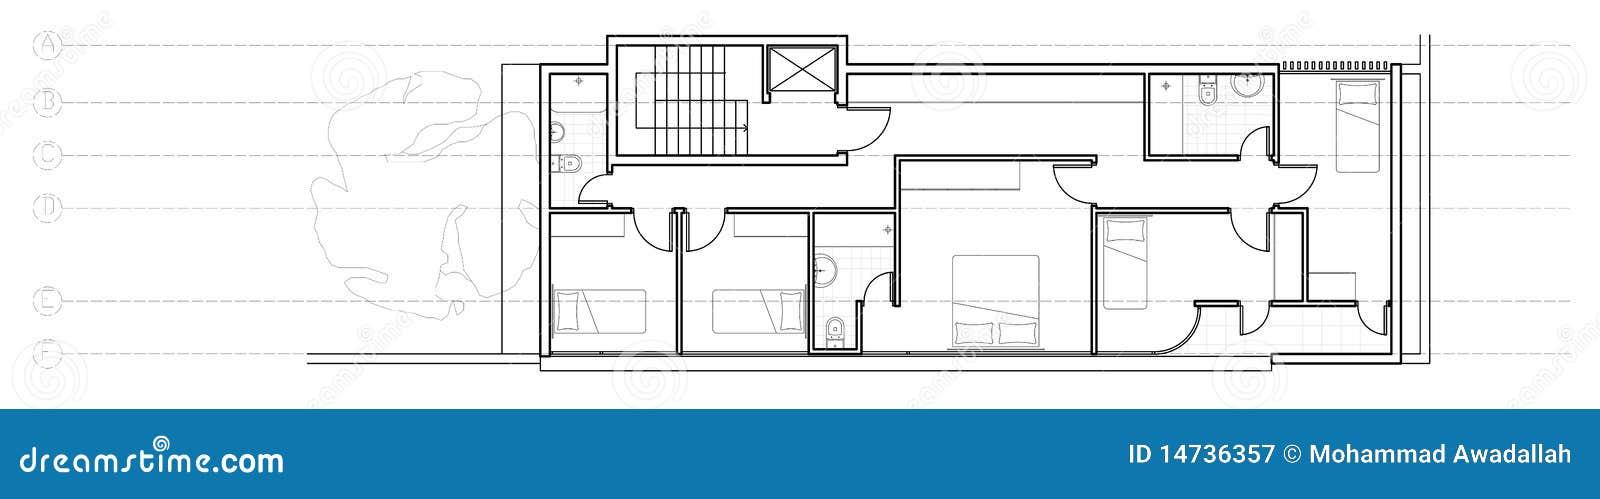 Modern house second floor plan royalty free stock - Planos de cocinas modernas ...